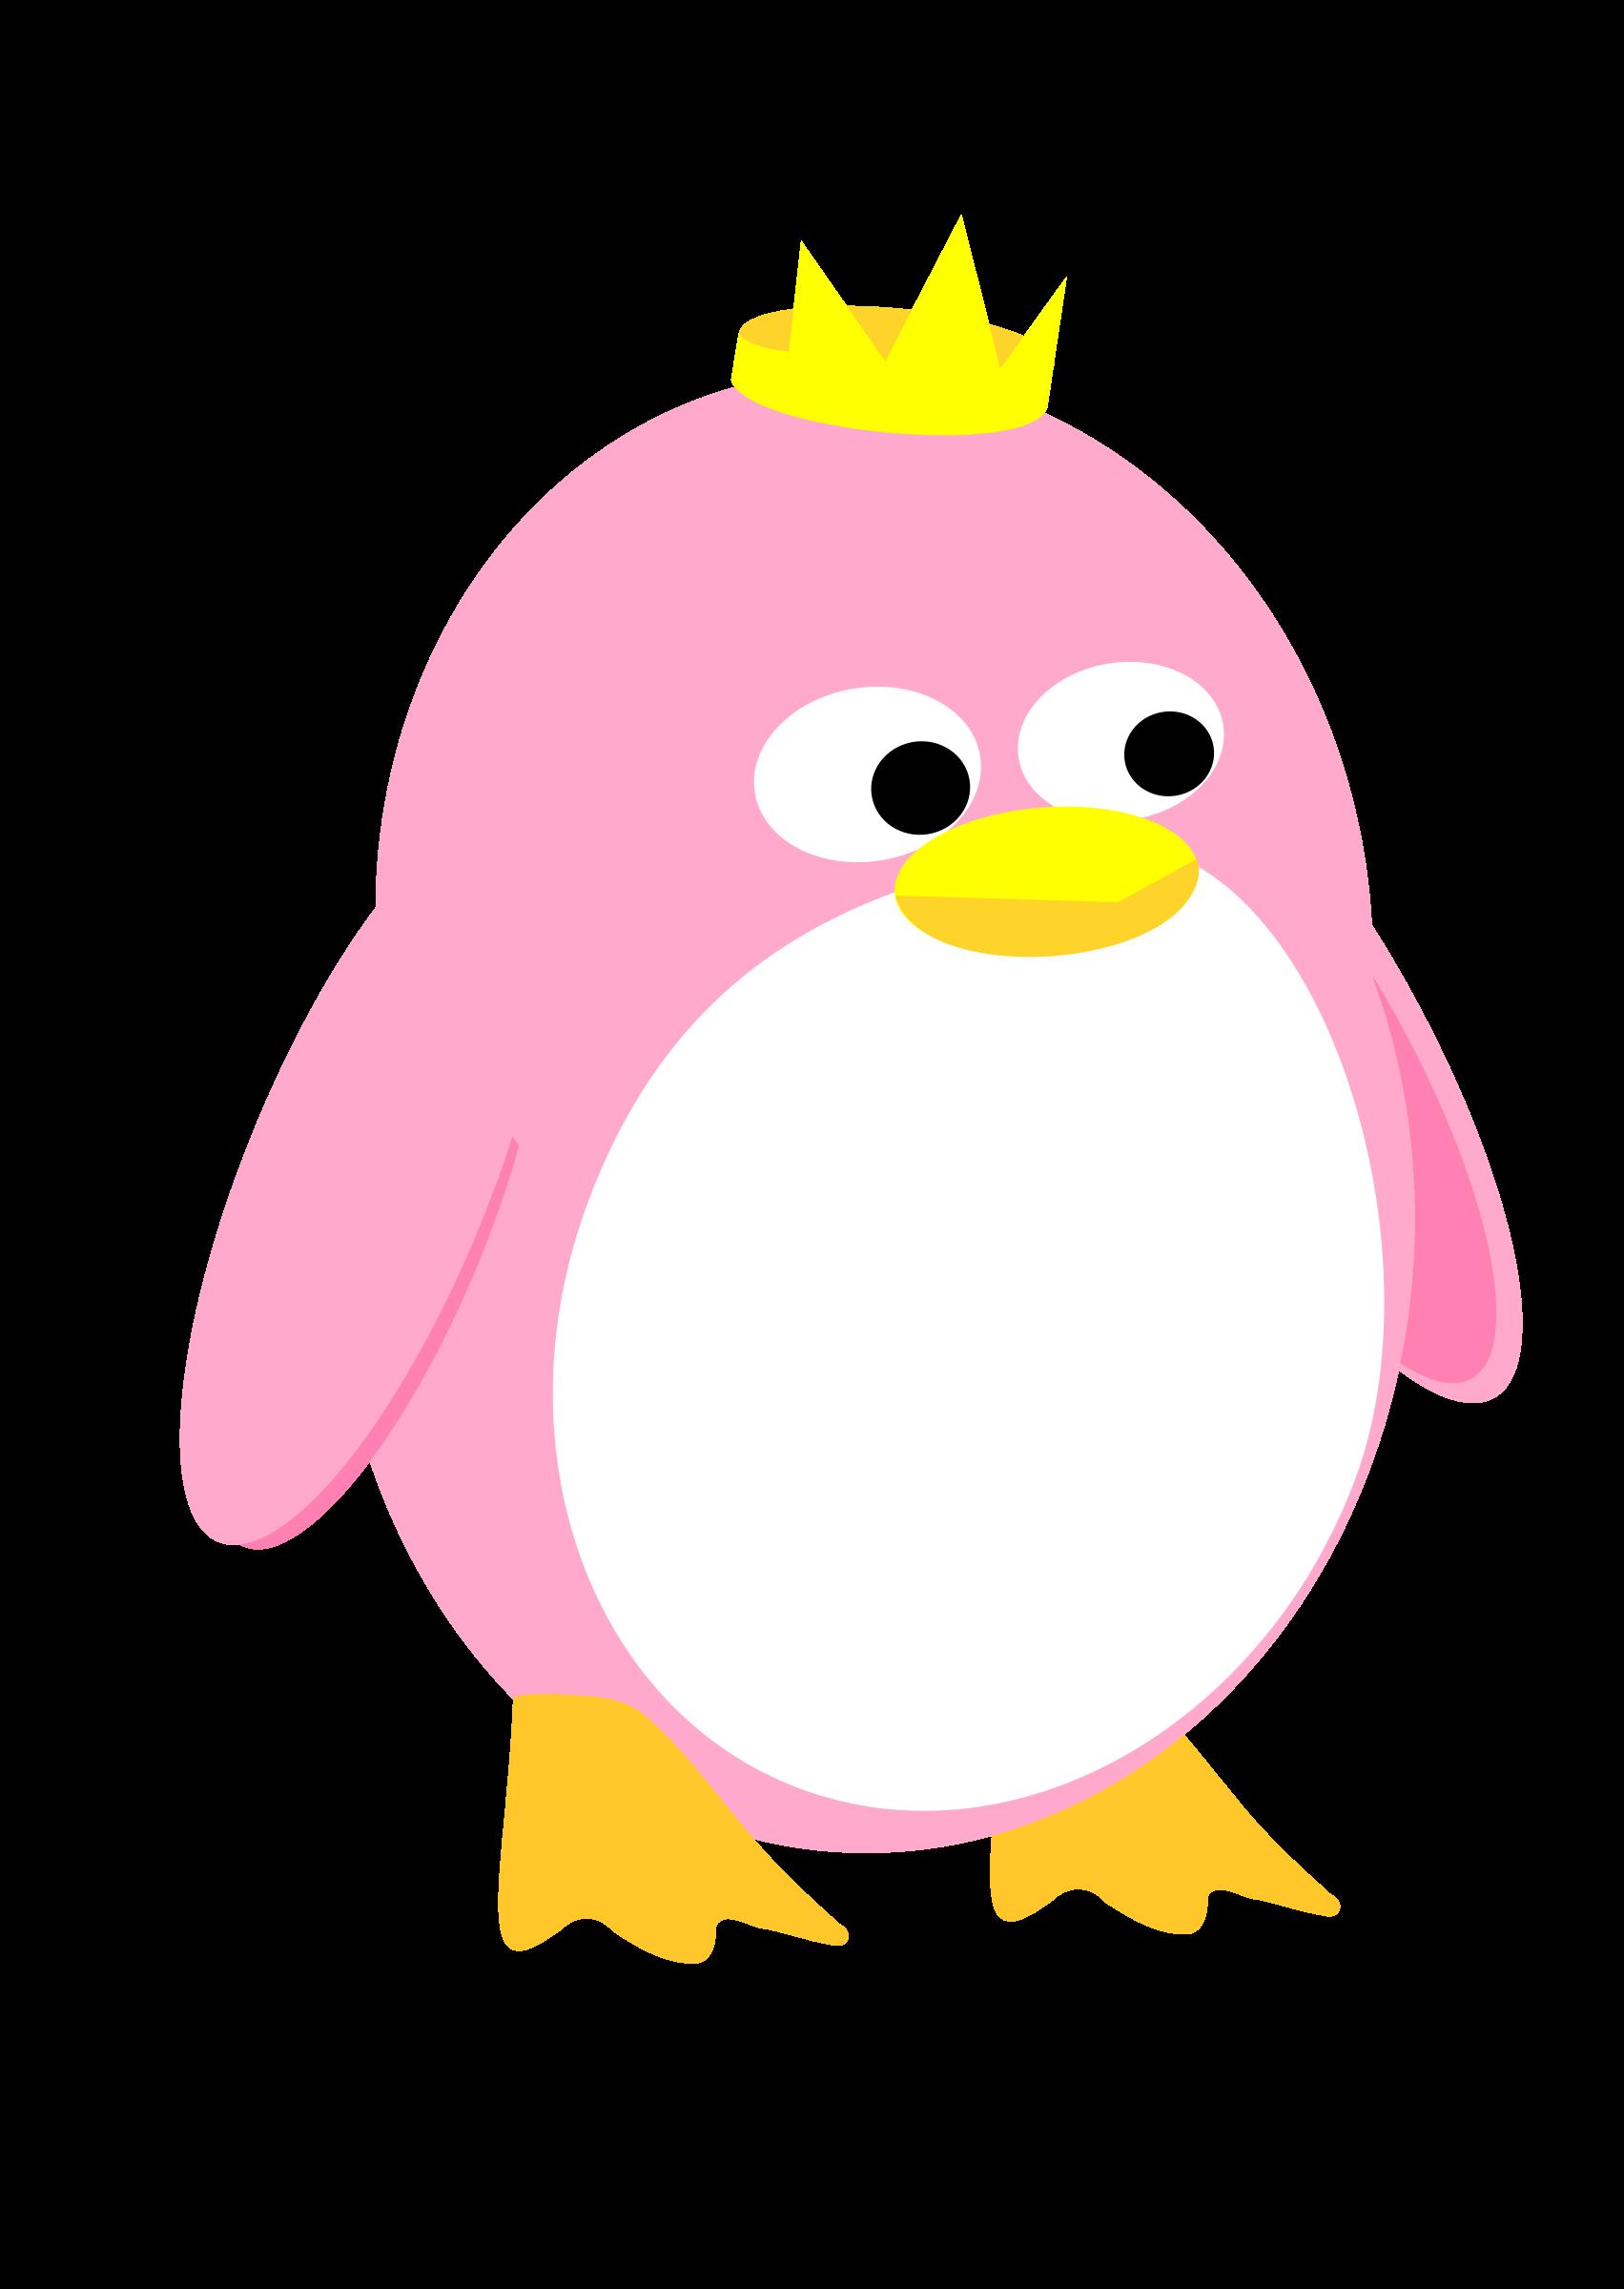 Princess penguin icons png. Clipart penquin svg